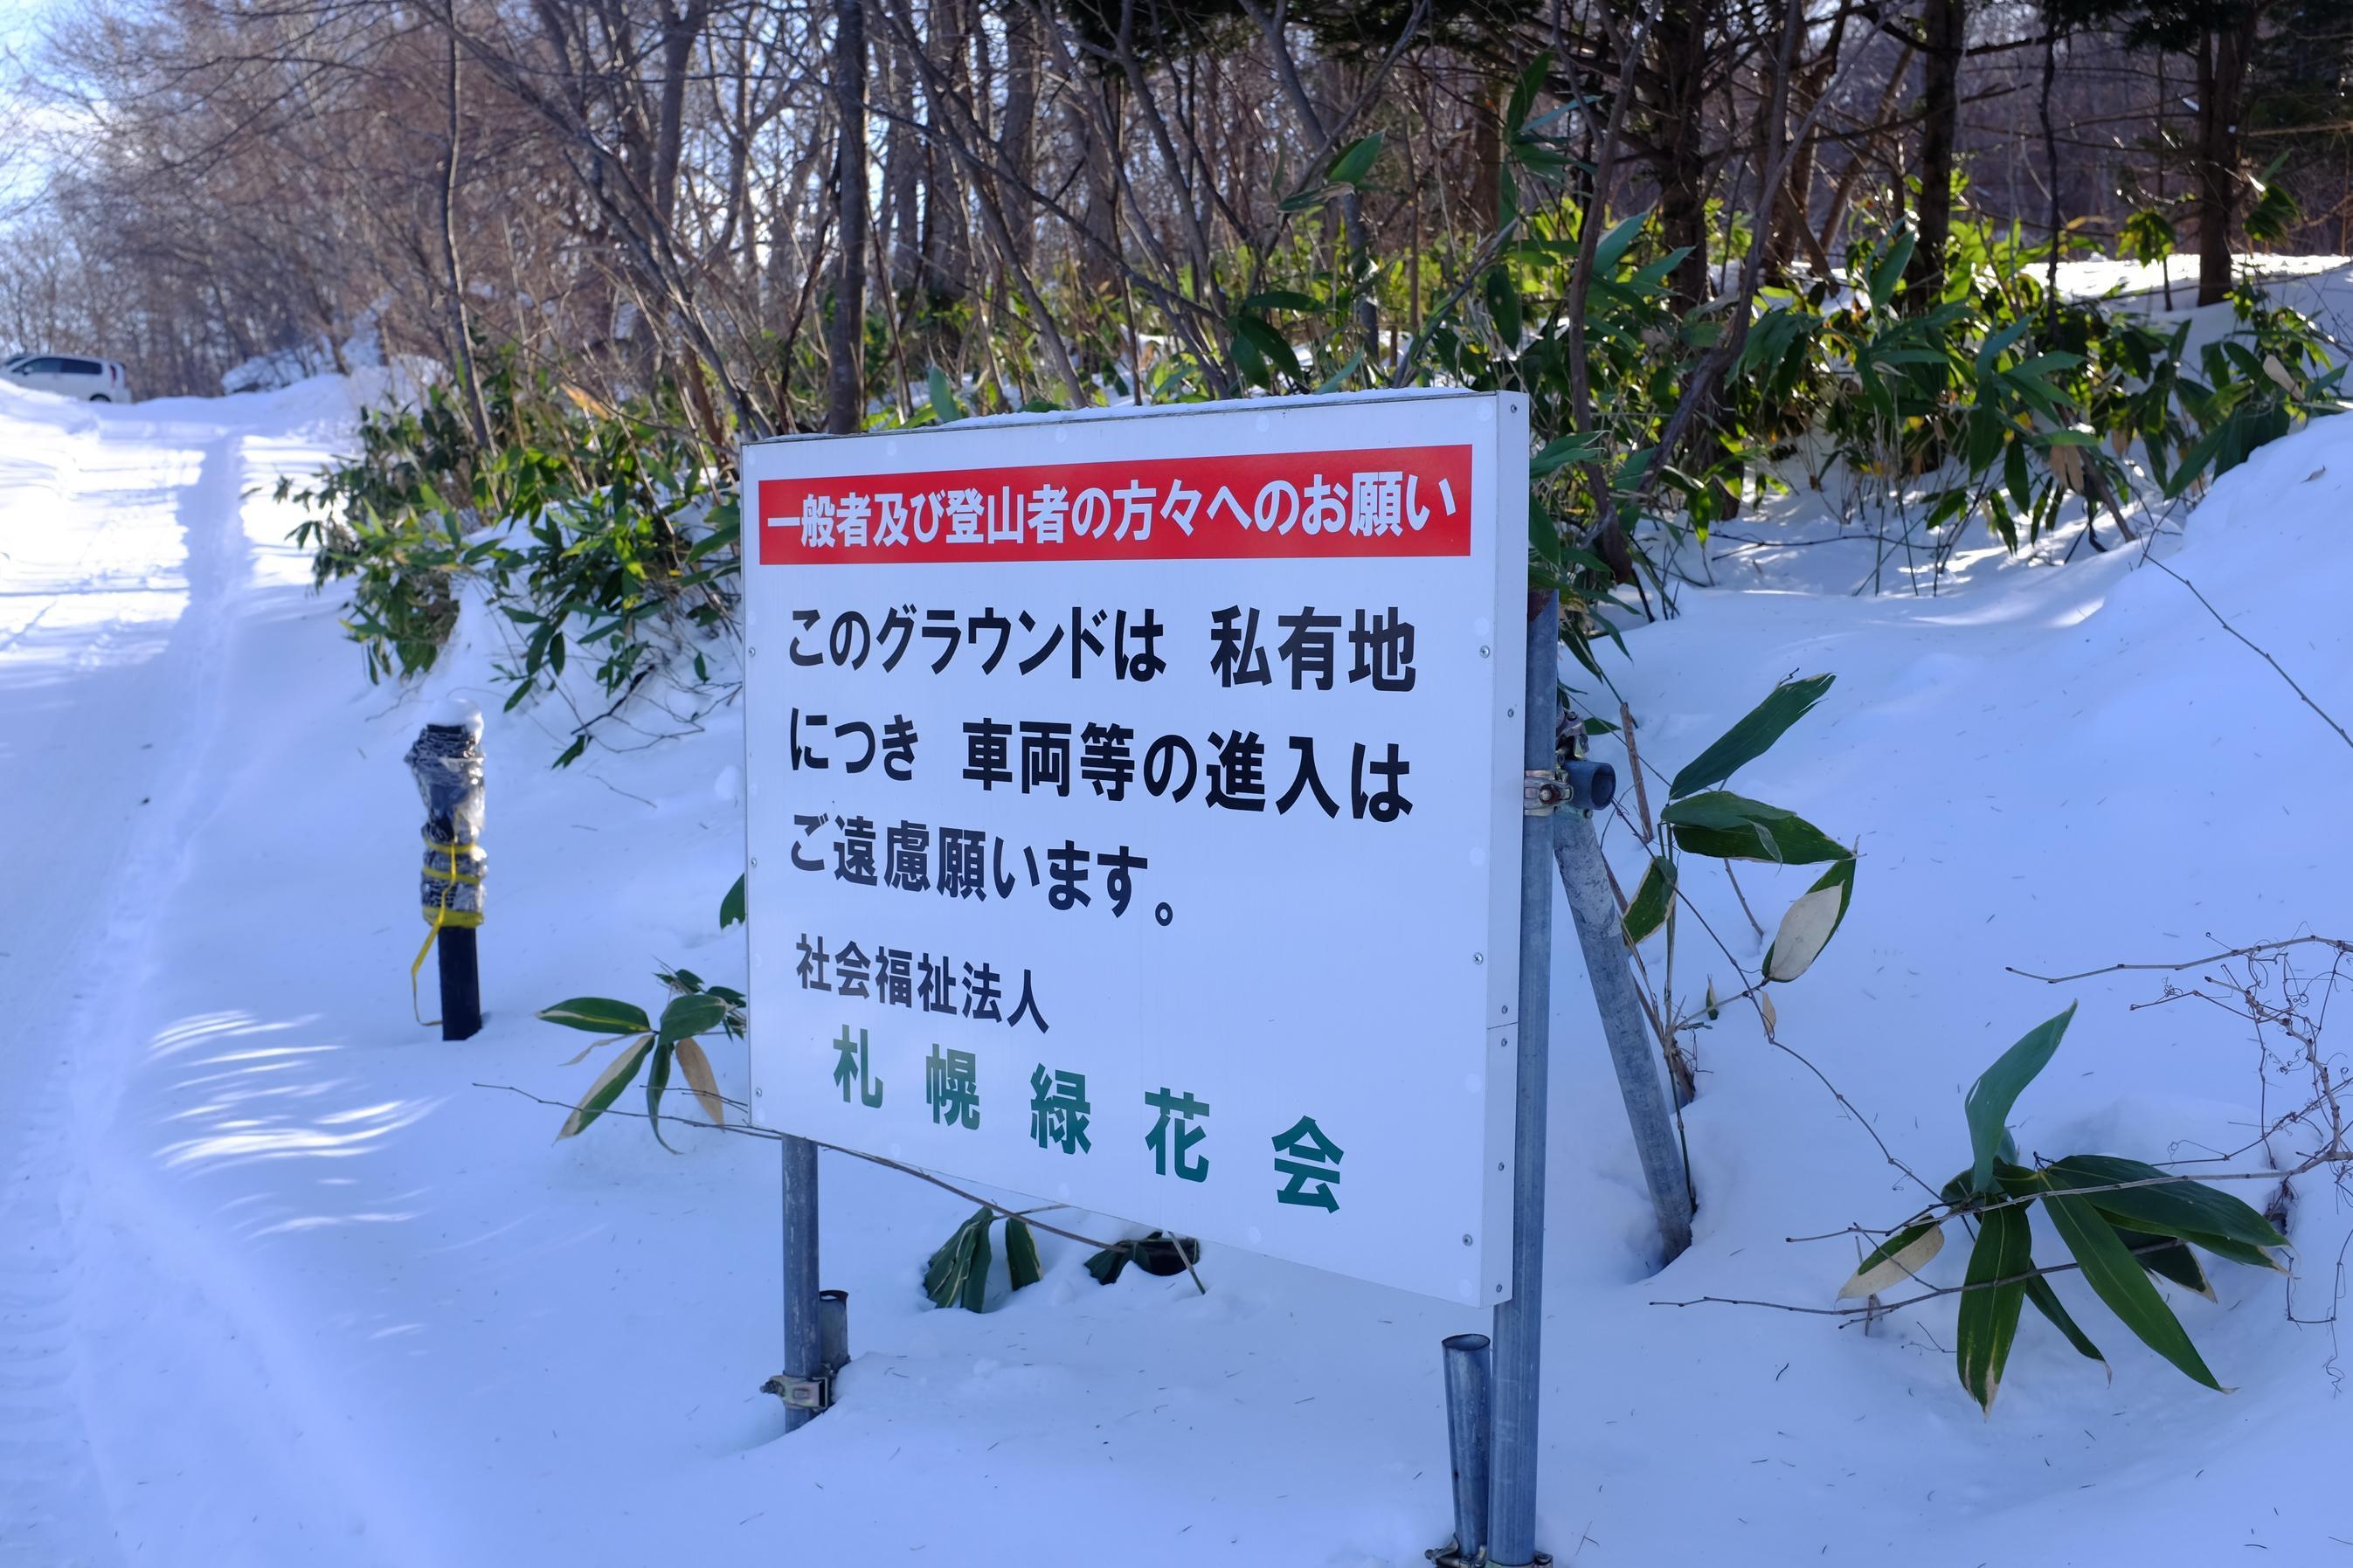 2019/1/10 銭函天狗山 01_d0233770_23063308.jpg